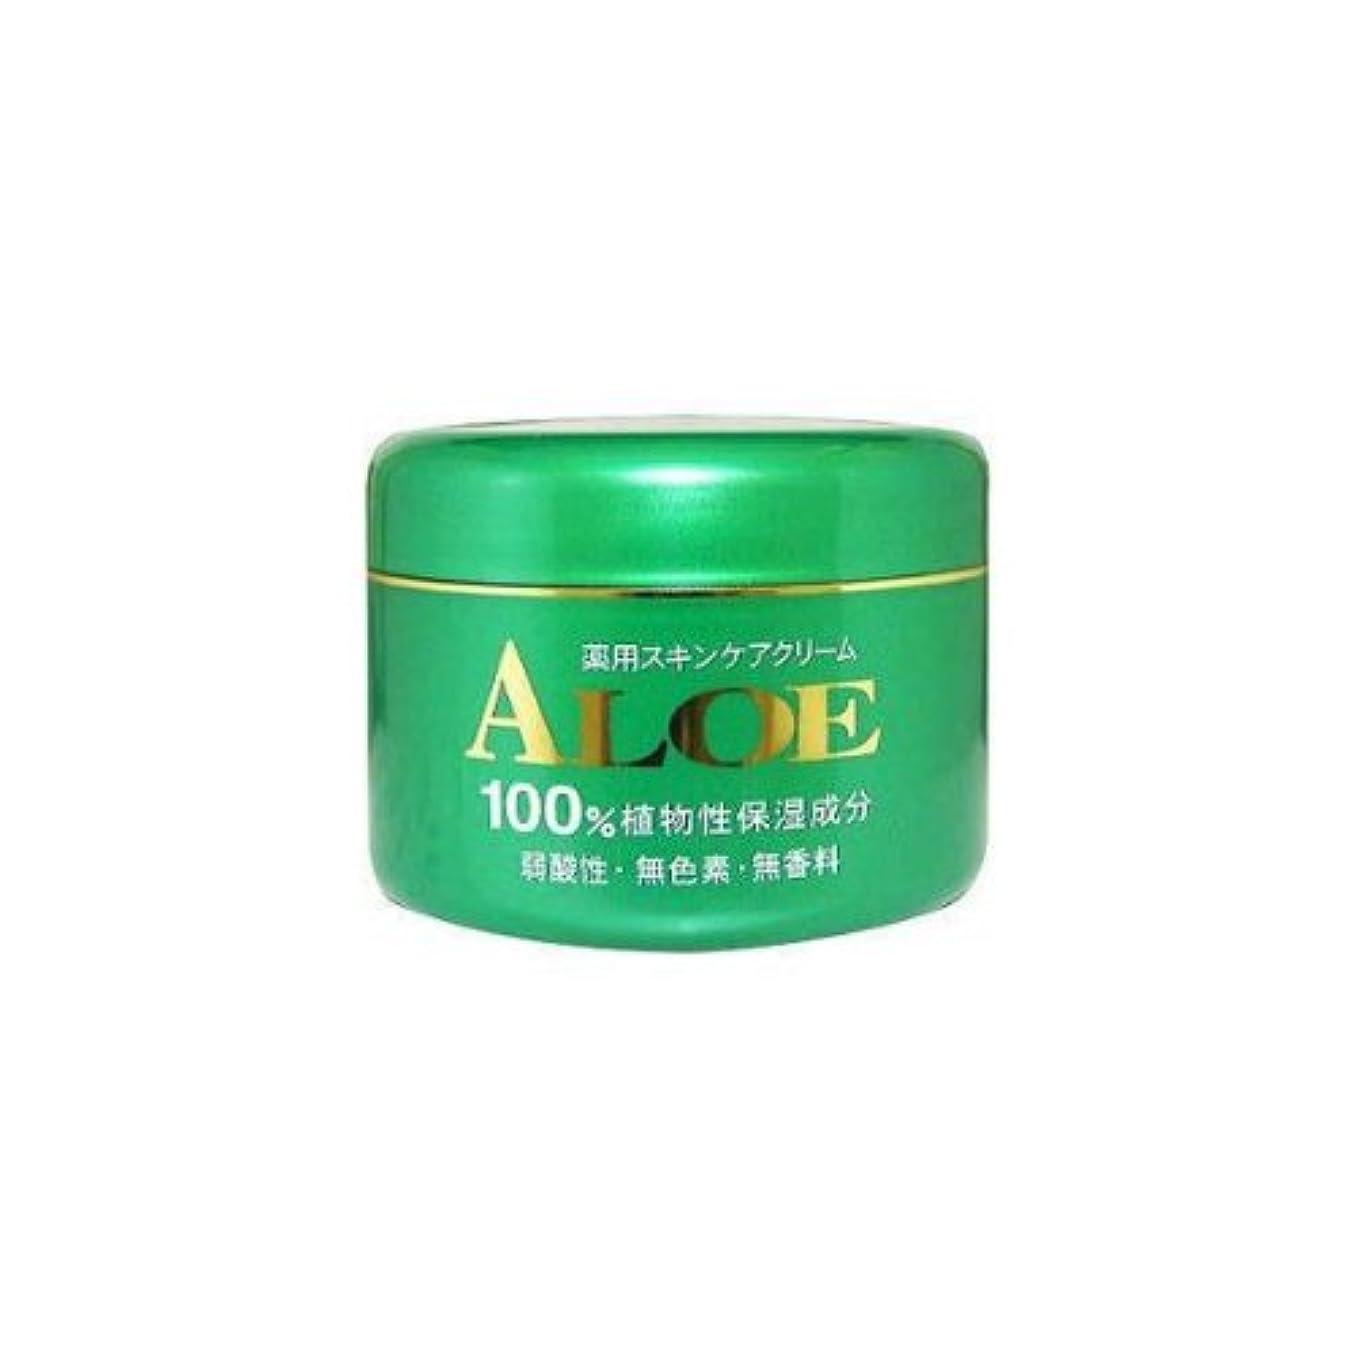 お手伝いさん艶成熟したアロエ薬用スキンケアクリーム185g